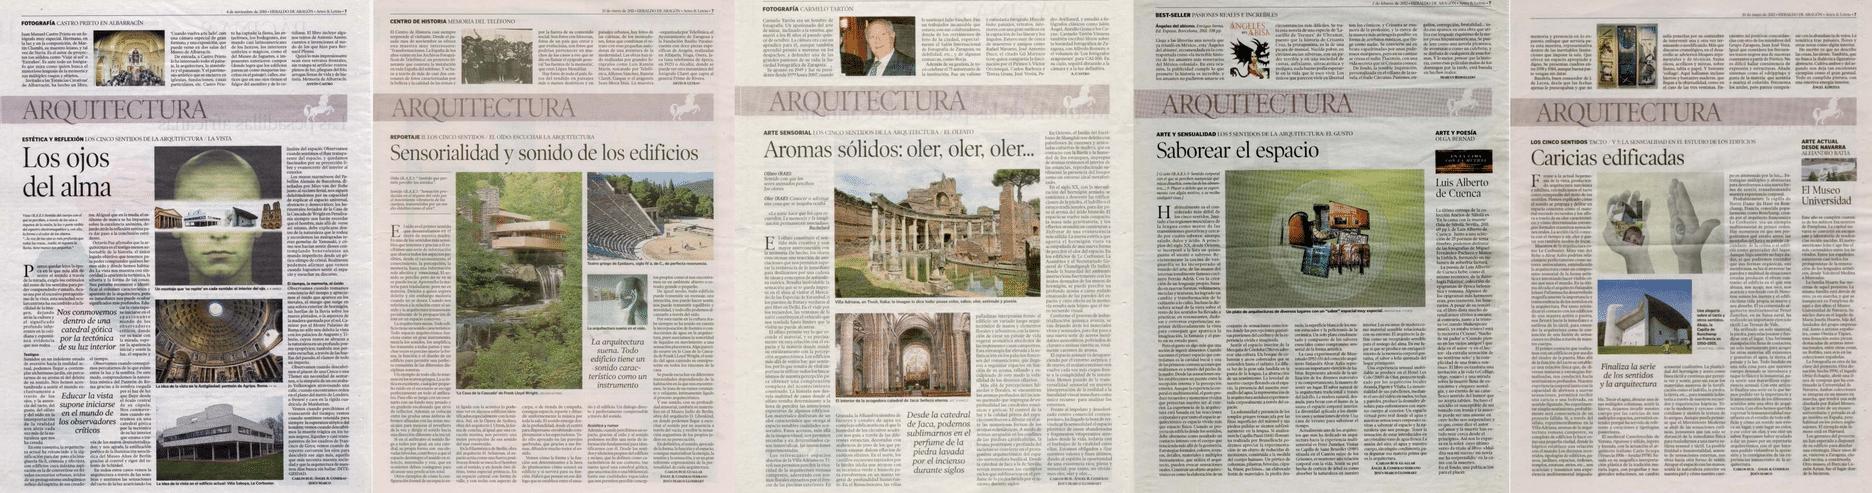 cinco sentidos de la arquitectura